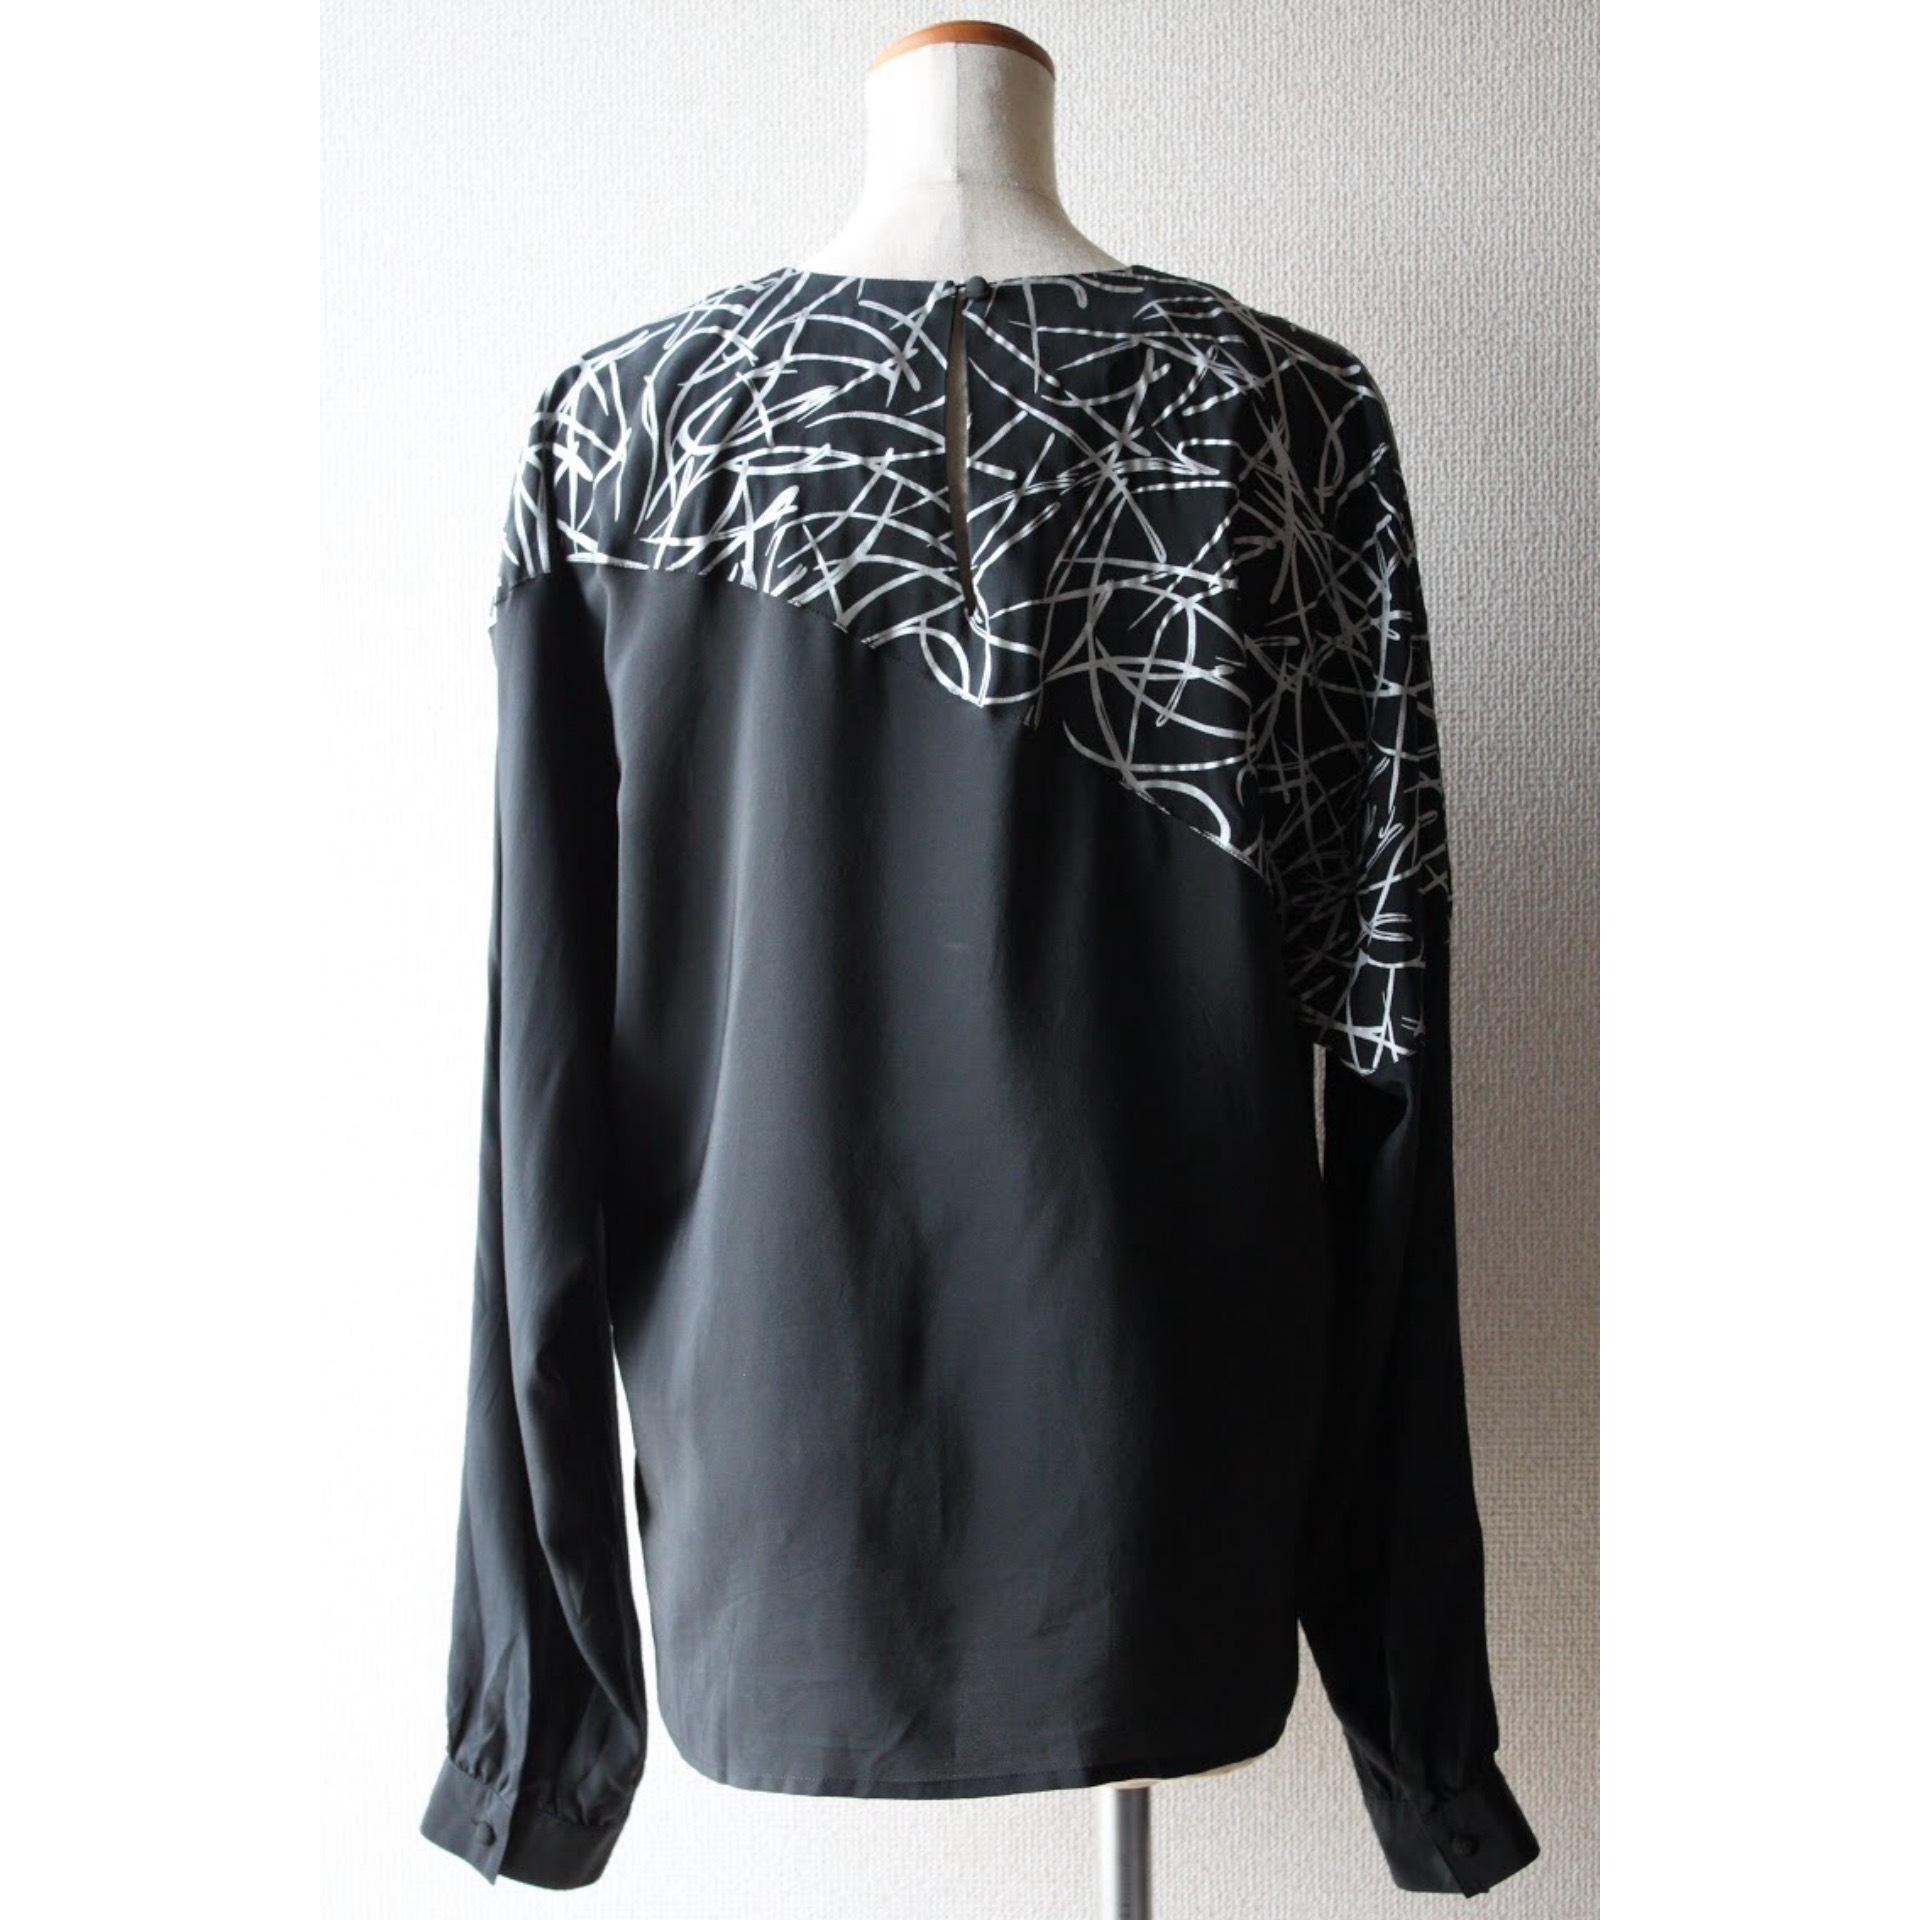 Vintage monotone silk tops